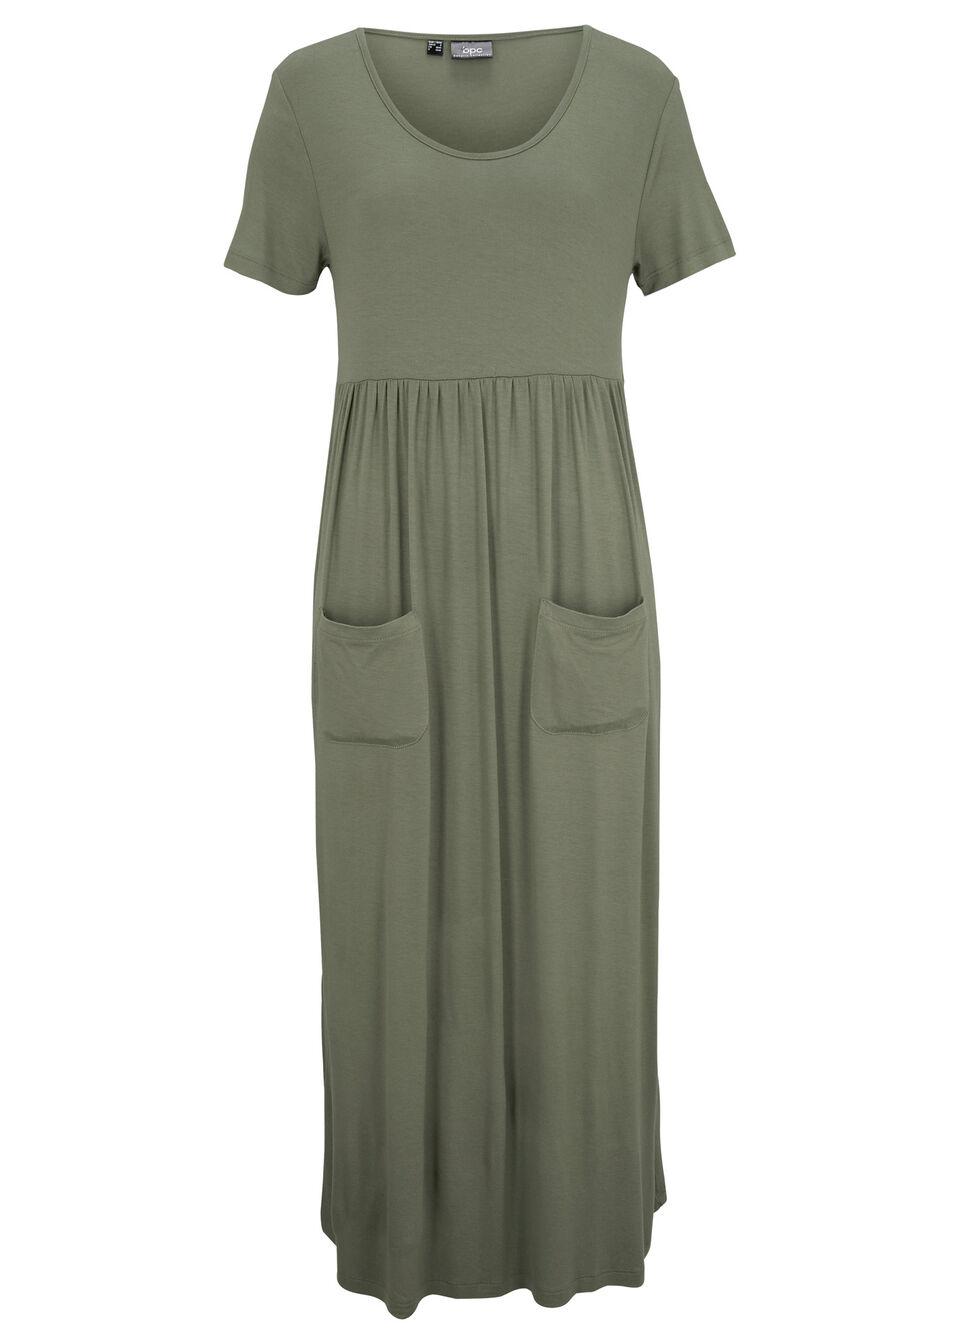 Sukienka maxi ze stretchem, z okrągłym dekoltem i krótkim rękawem bonprix oliwkowy